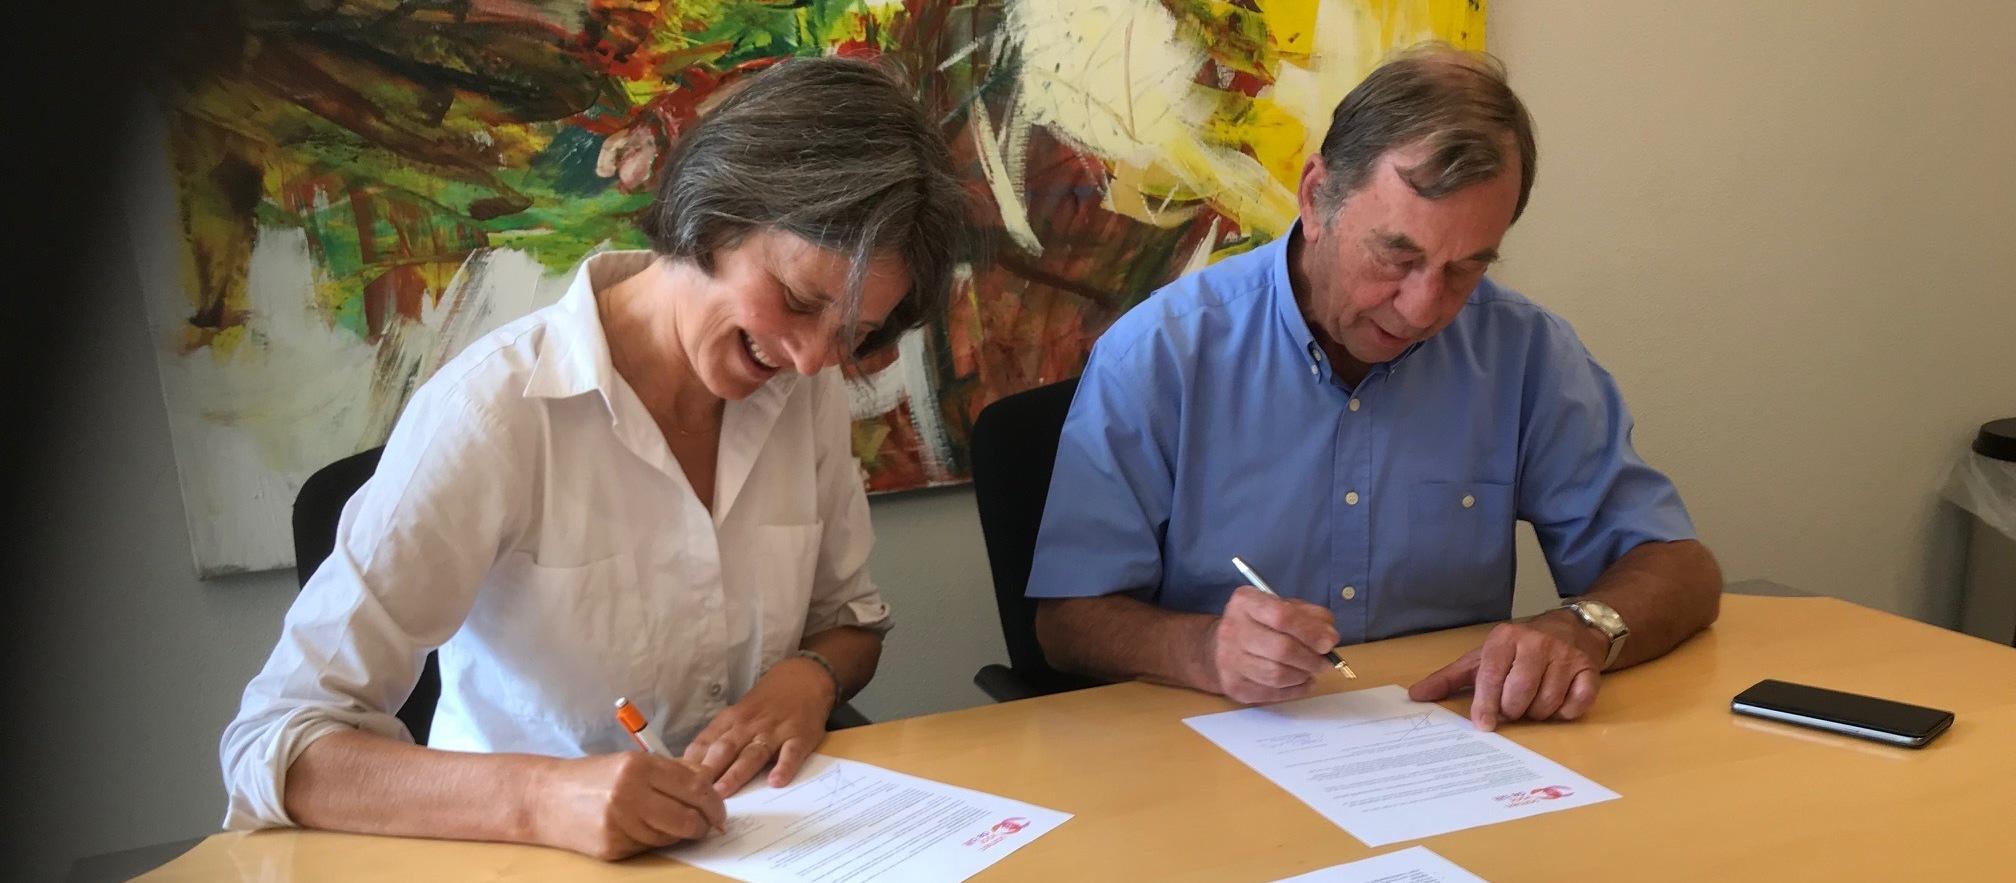 Poonawalla Science Park is de nieuwe bedrijfspartner van Samen voor De Bilt.